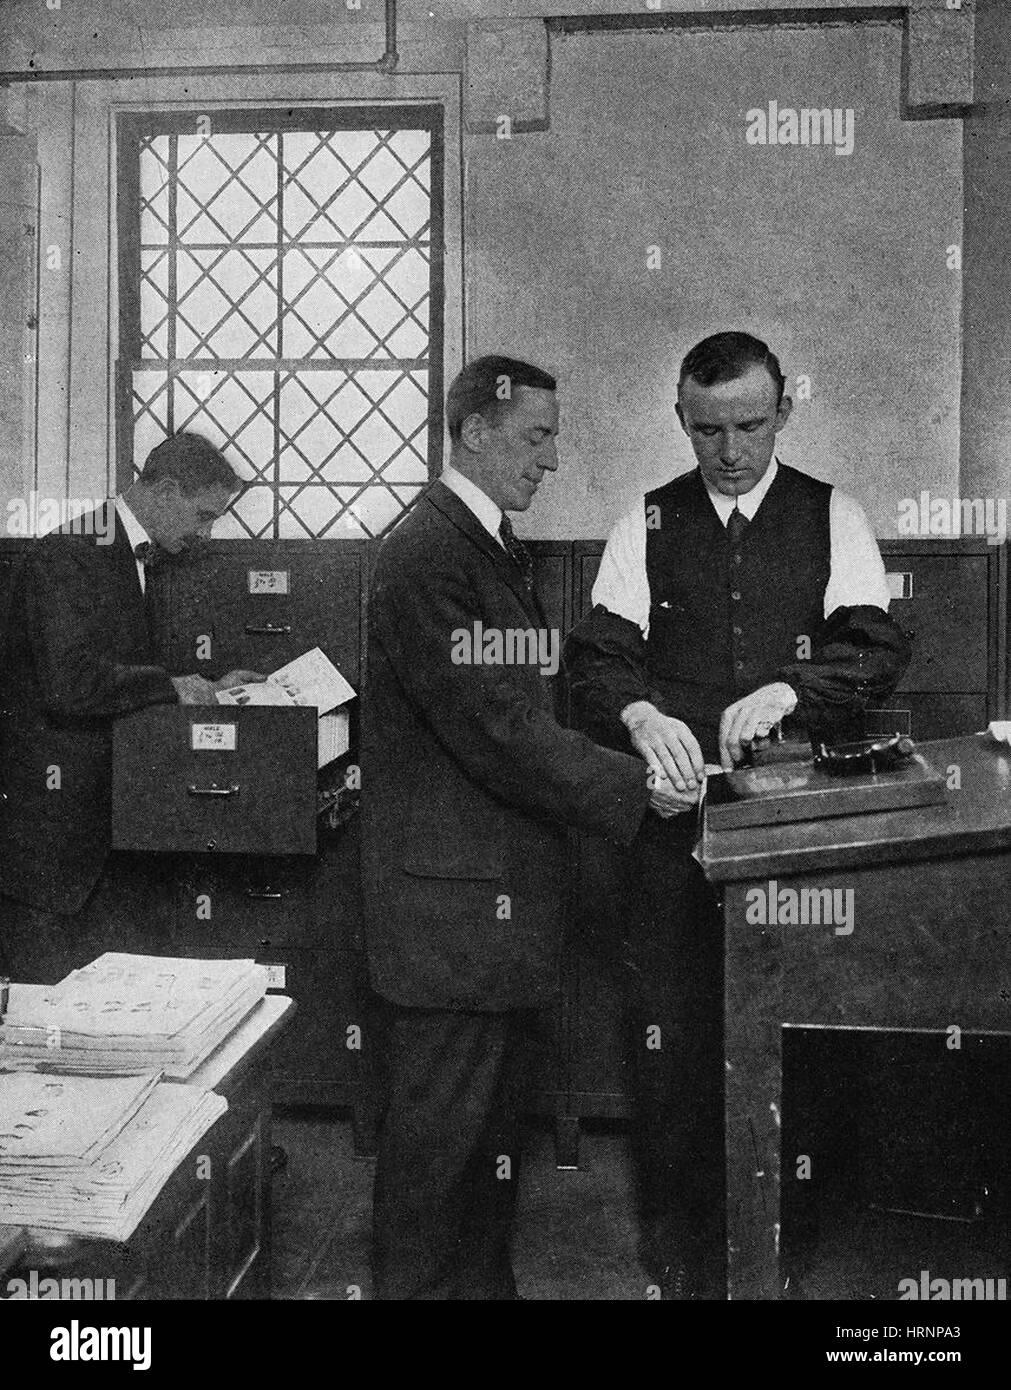 El Instructor de huellas dactilares, 1940 Imagen De Stock